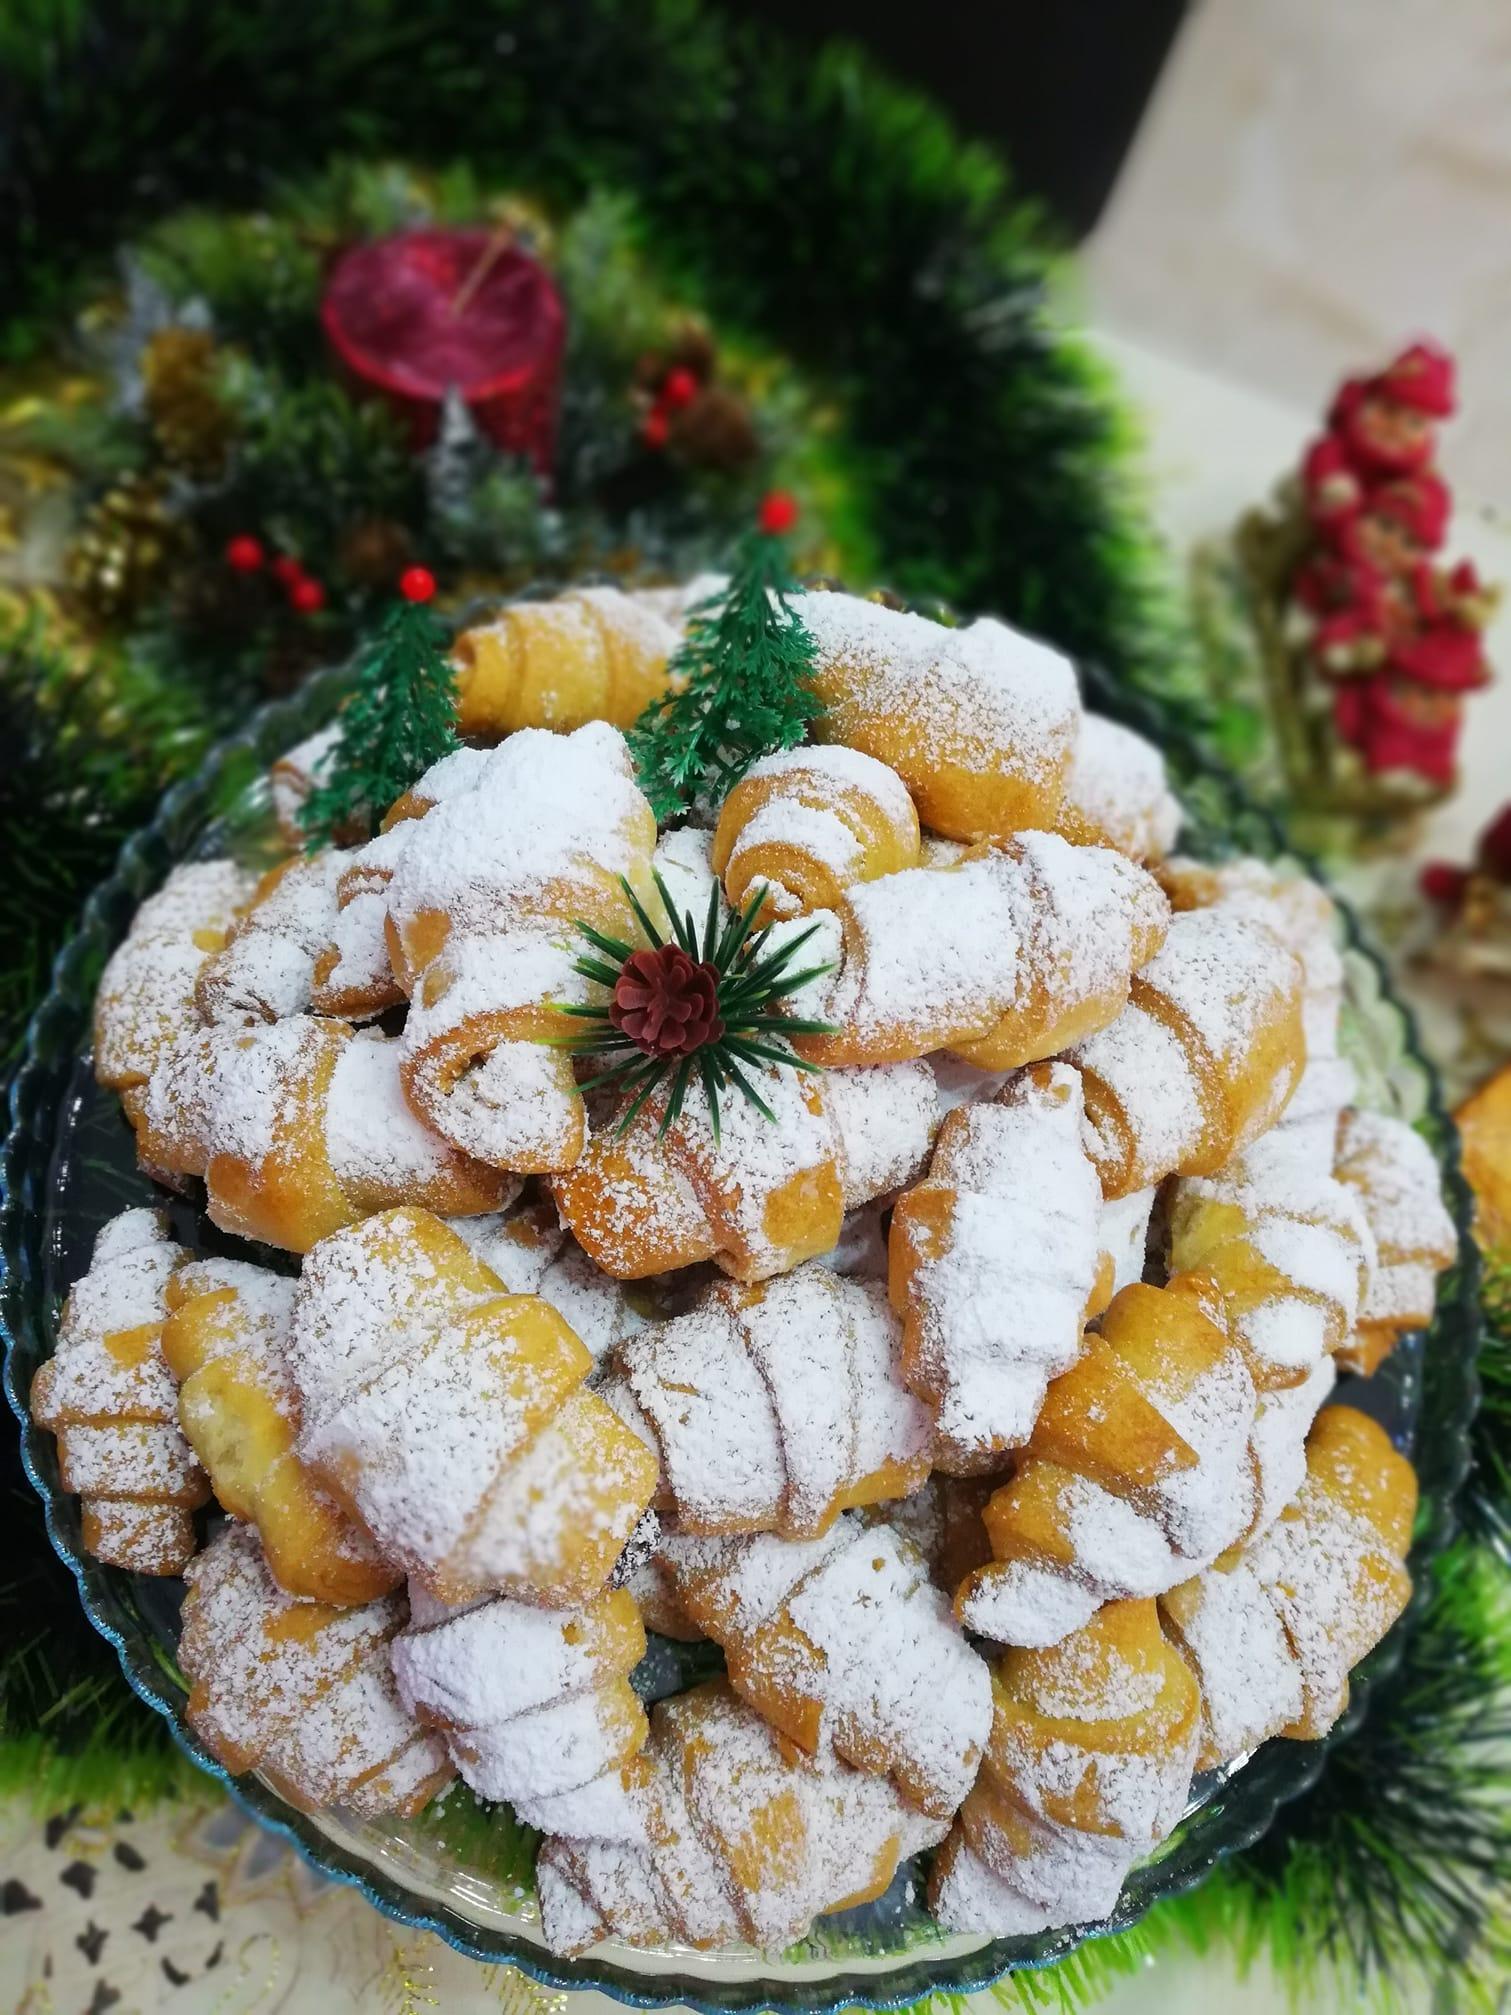 Κρουασάν γεμιστά με λουκούμι - Χριστουγεννιάτικη συνταγή